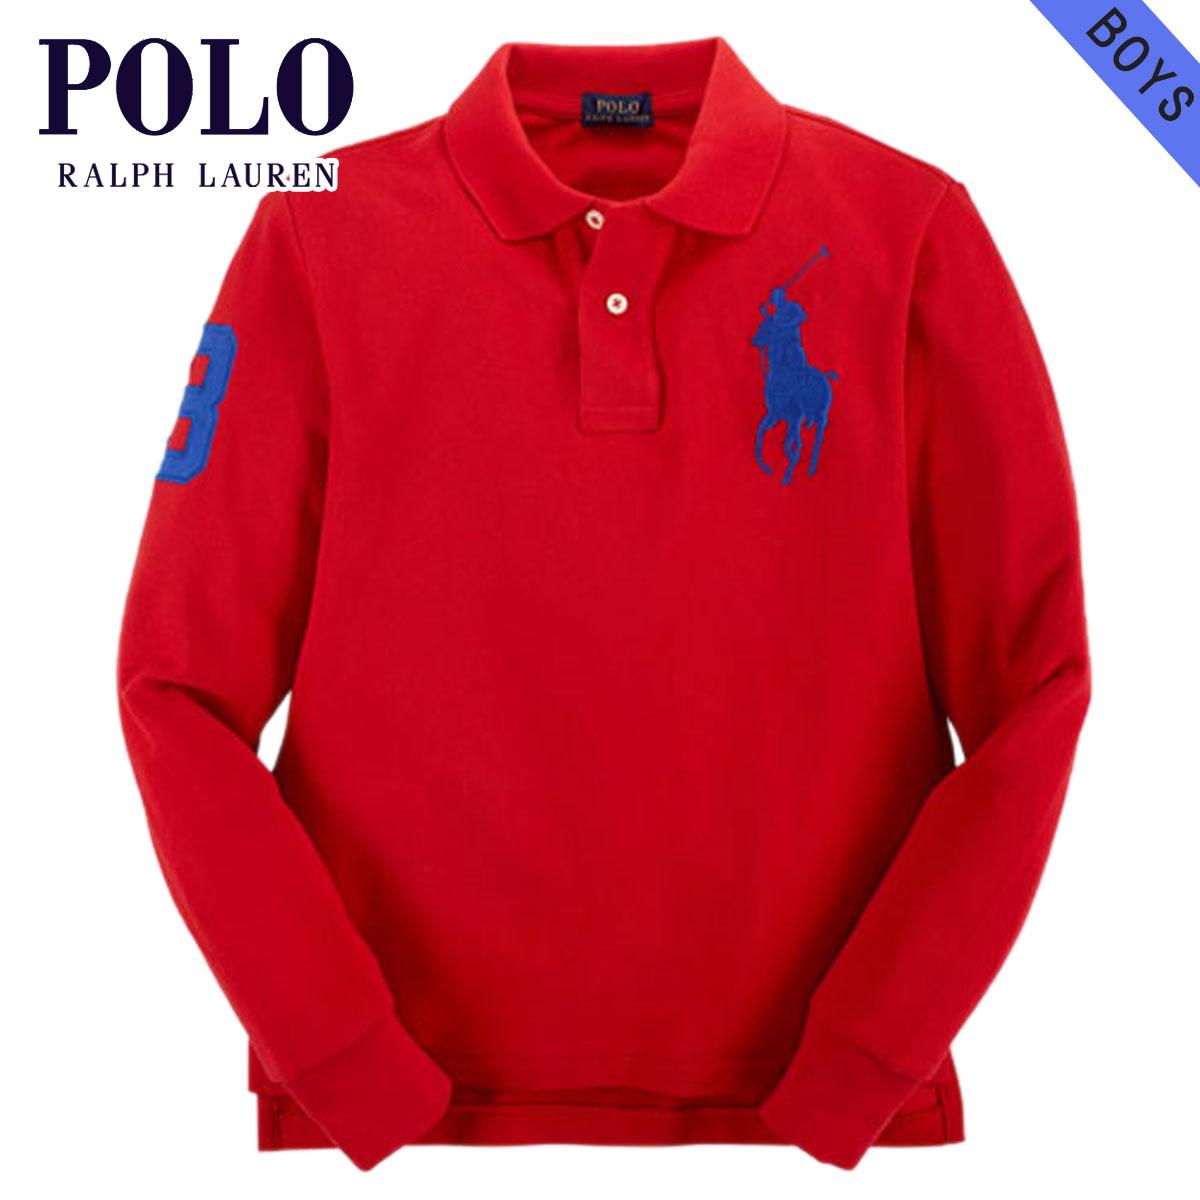 ポロ ラルフローレン キッズ POLO RALPH LAUREN CHILDREN 正規品 子供服 ボーイズ 長袖ポロシャツ CUSTOM-FIT BIG PONY SHIRT 37716606